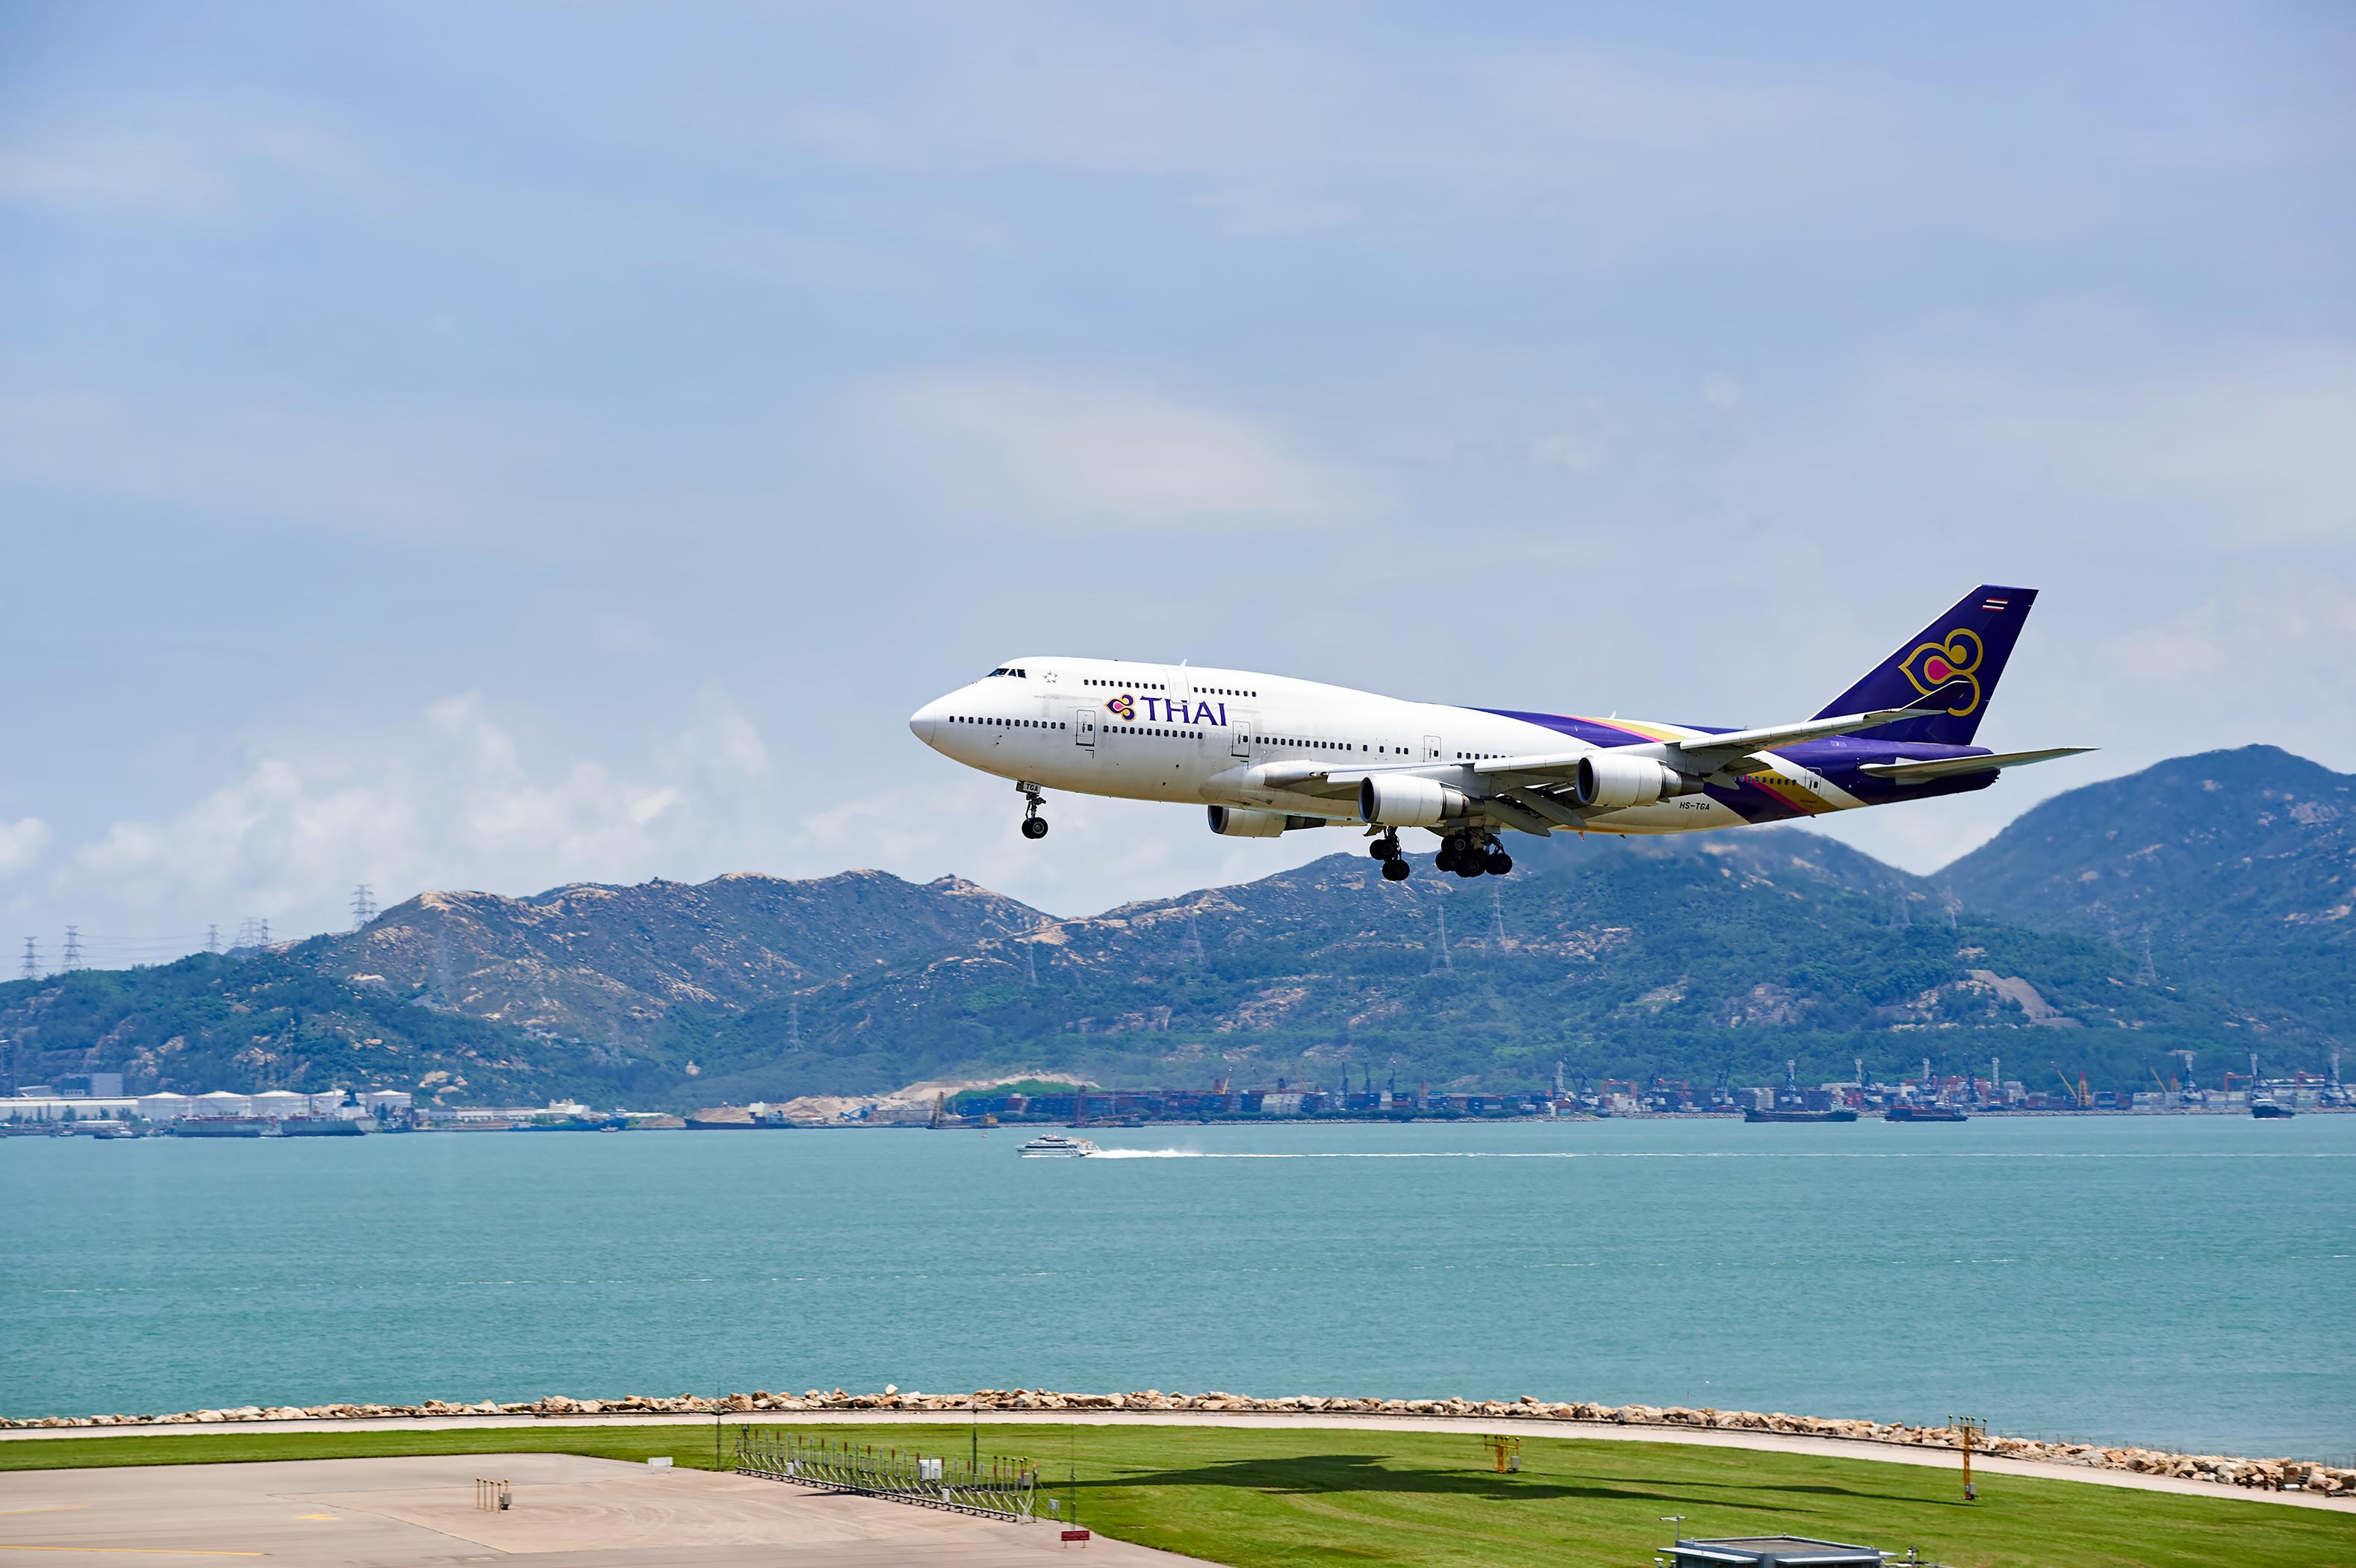 THAI aircraft landing at Hong Kong airport, June 4, 2015